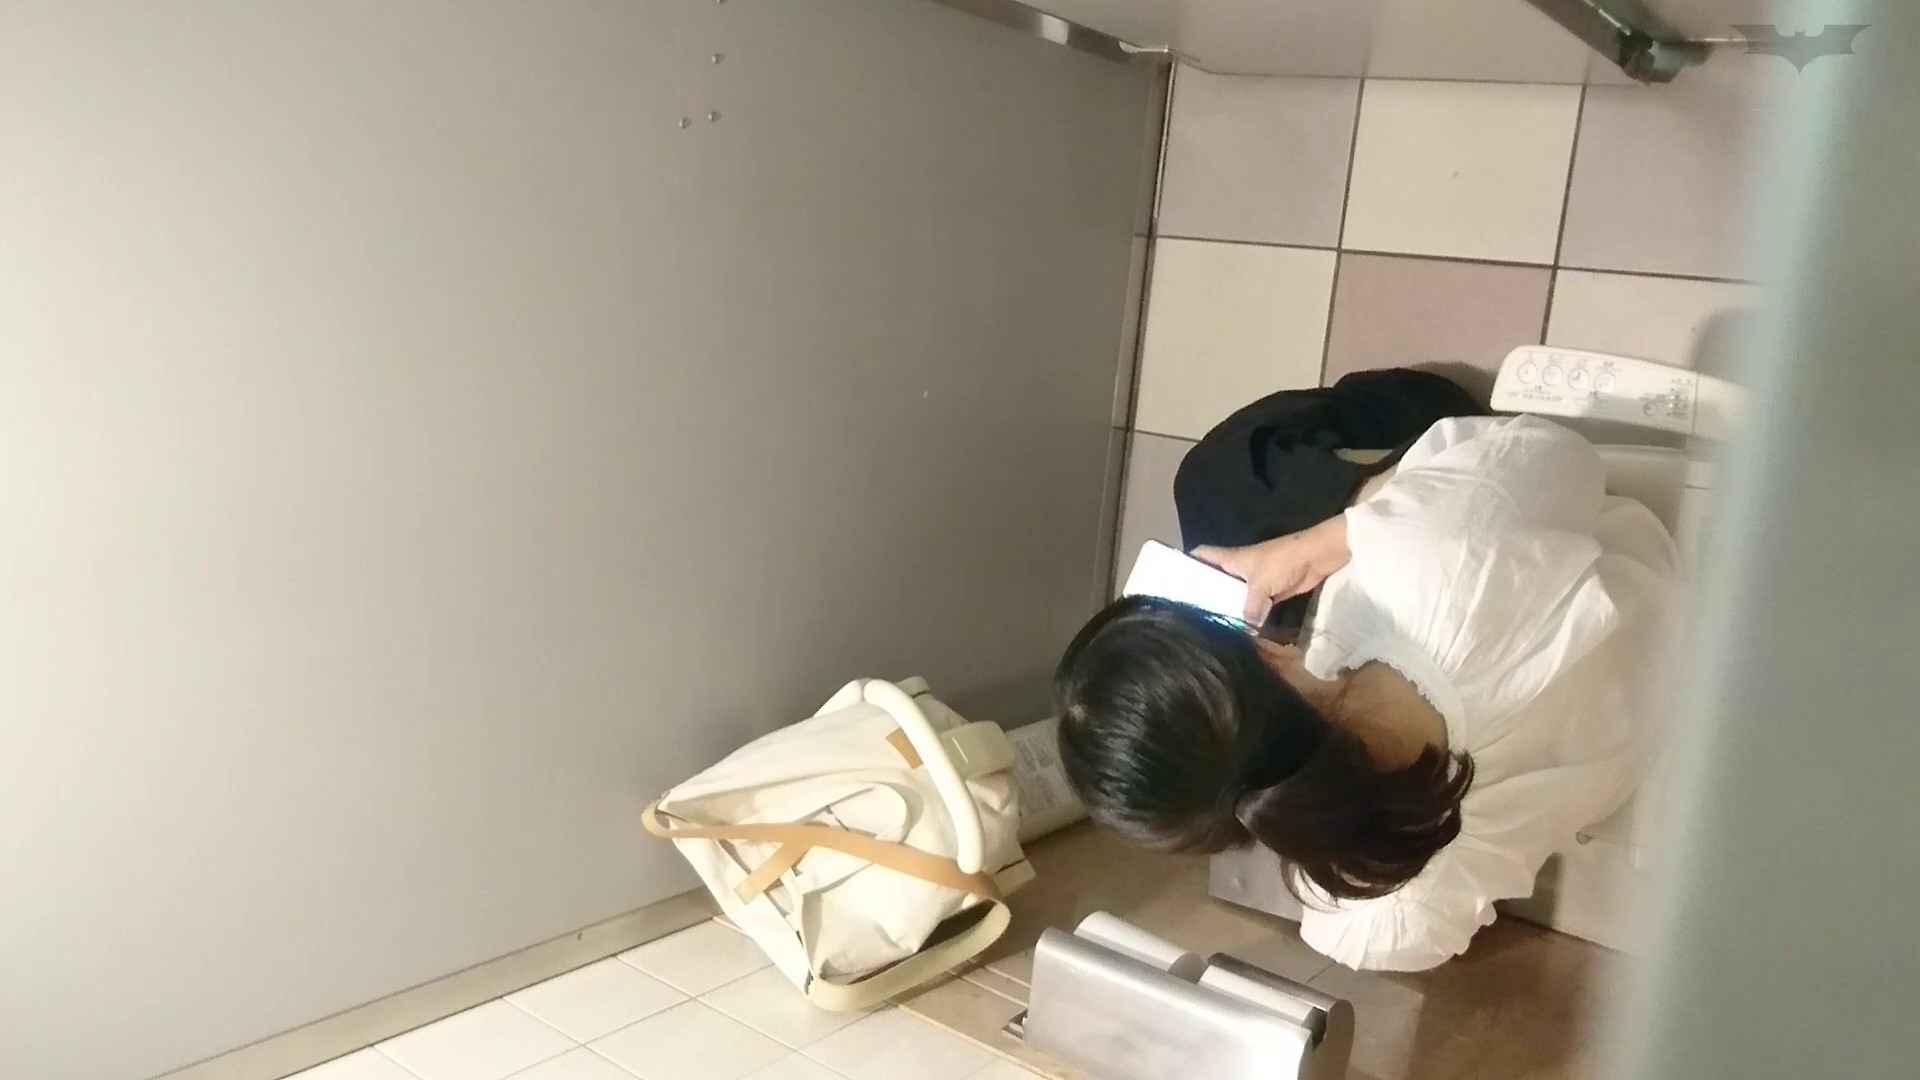 化粧室絵巻 ショッピングモール編 VOL.22 OL | 0  79連発 27